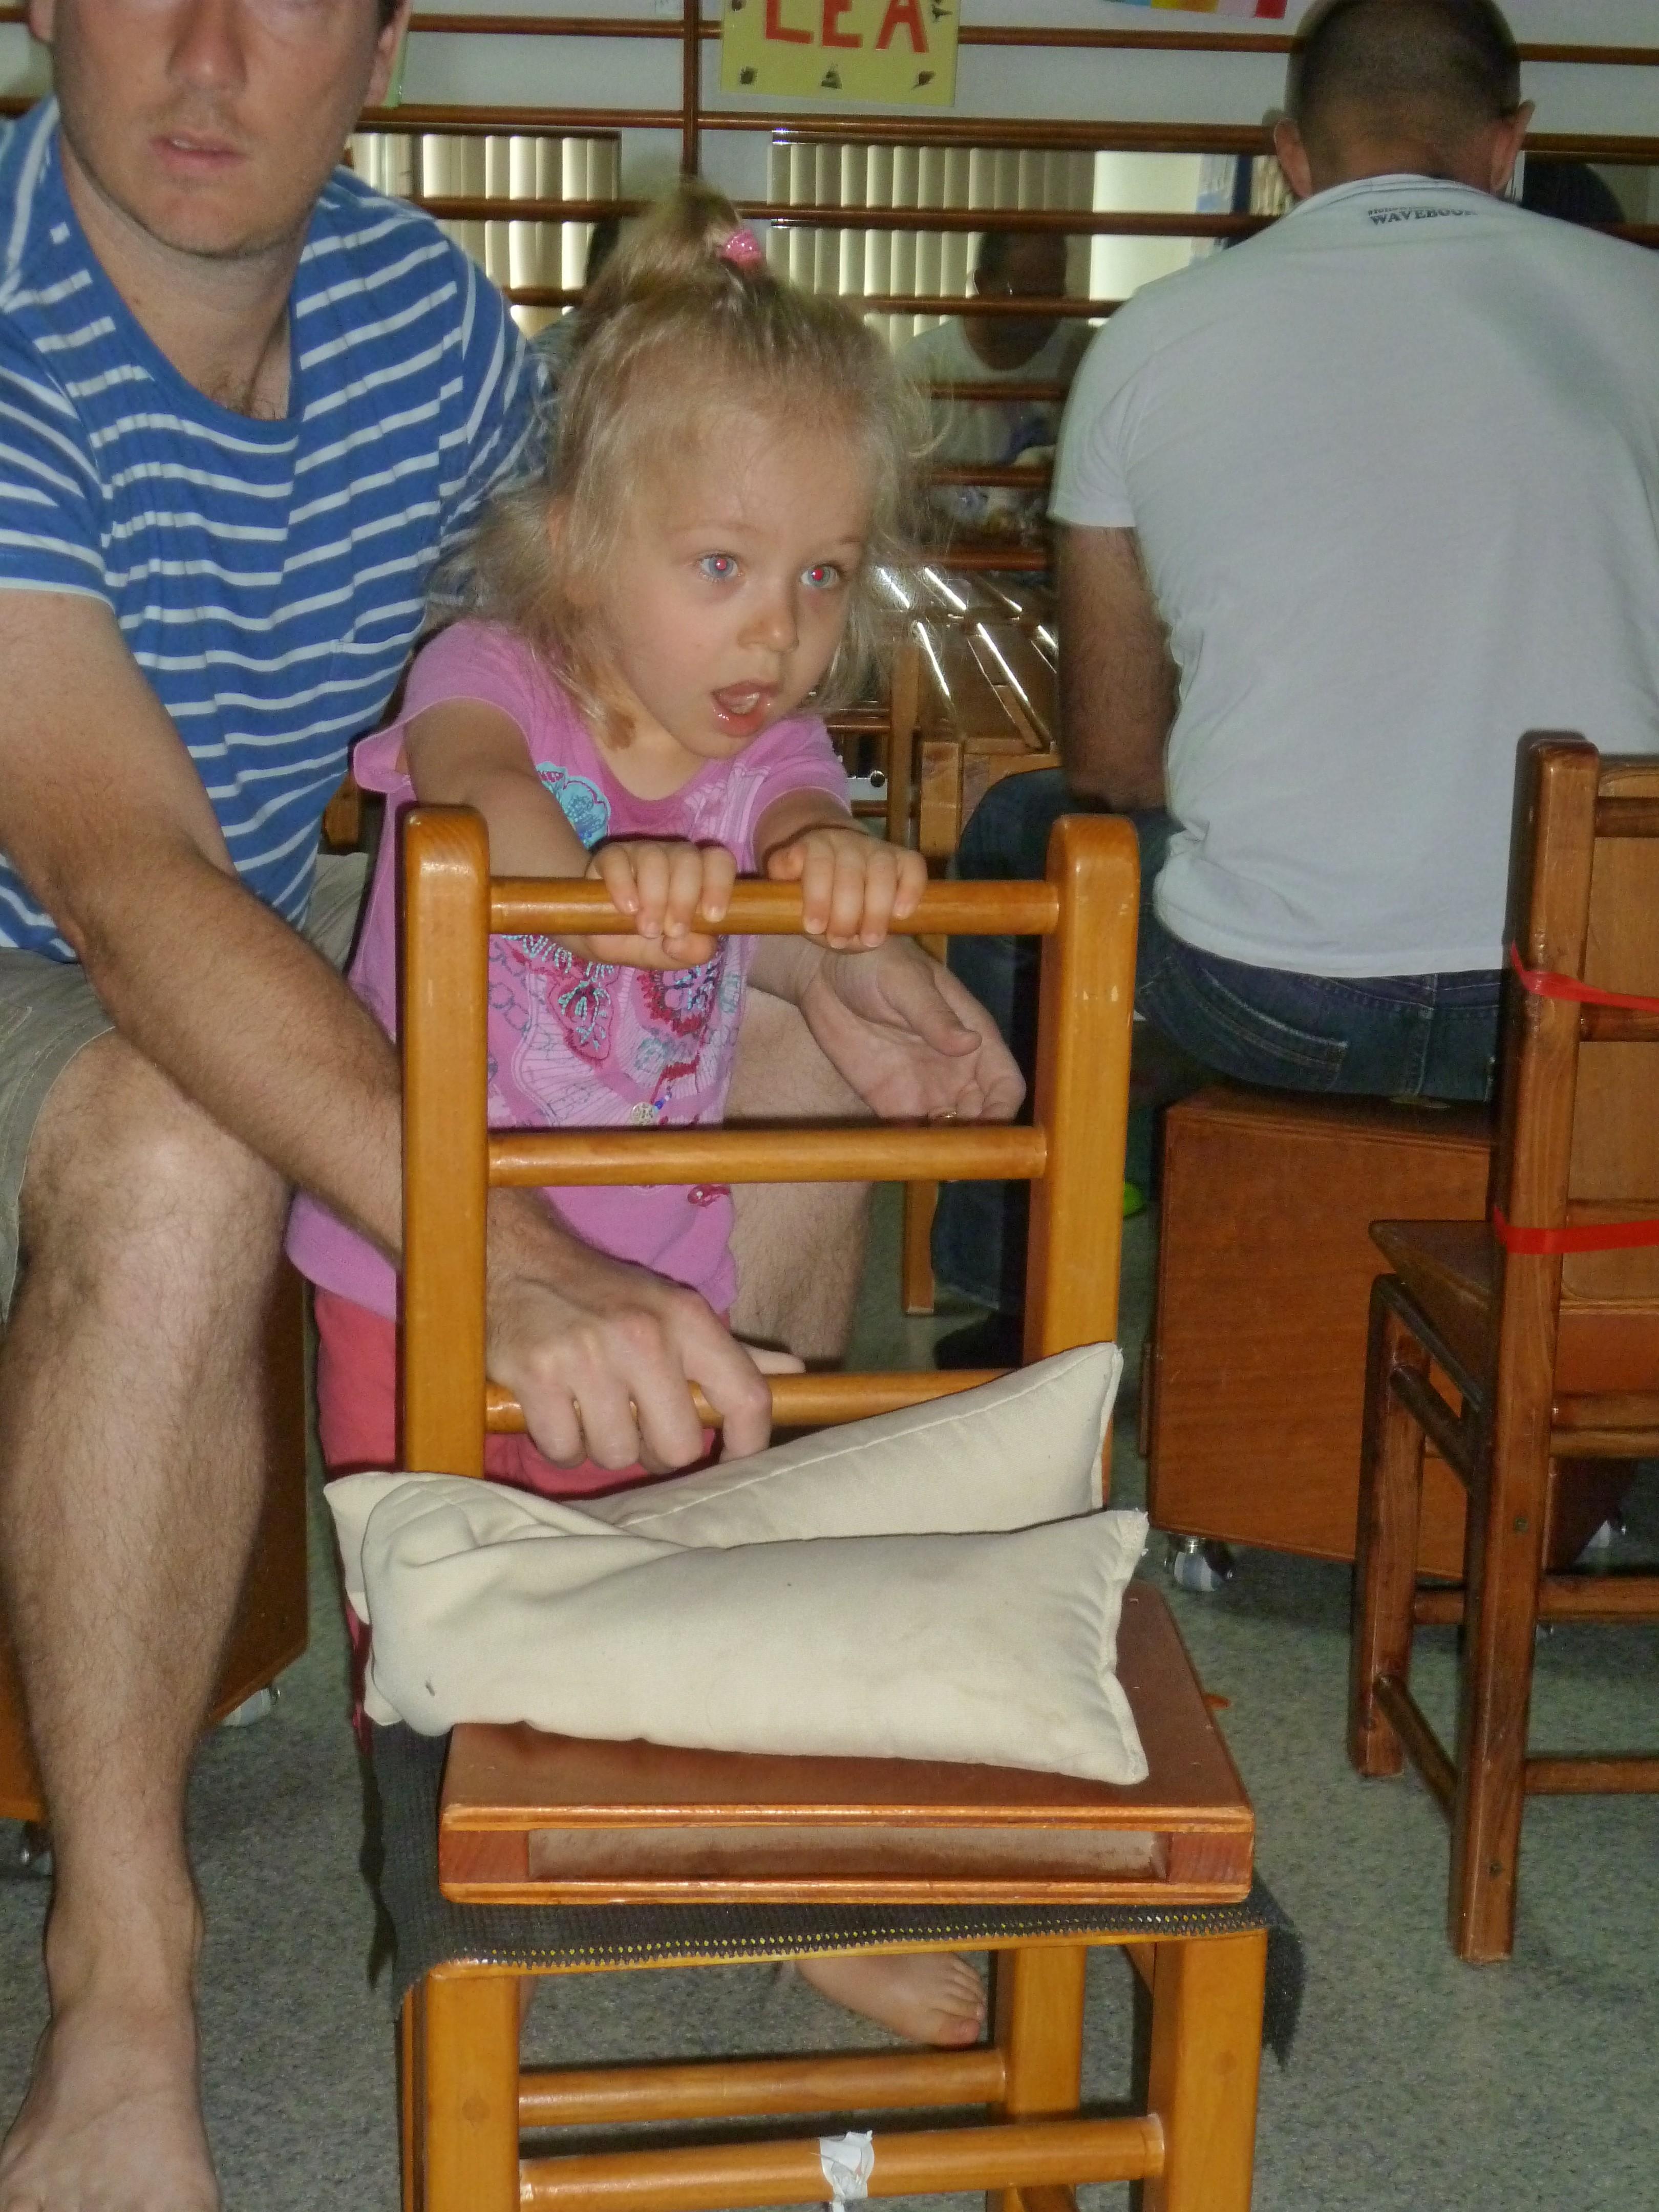 je marche en poussant la chaise